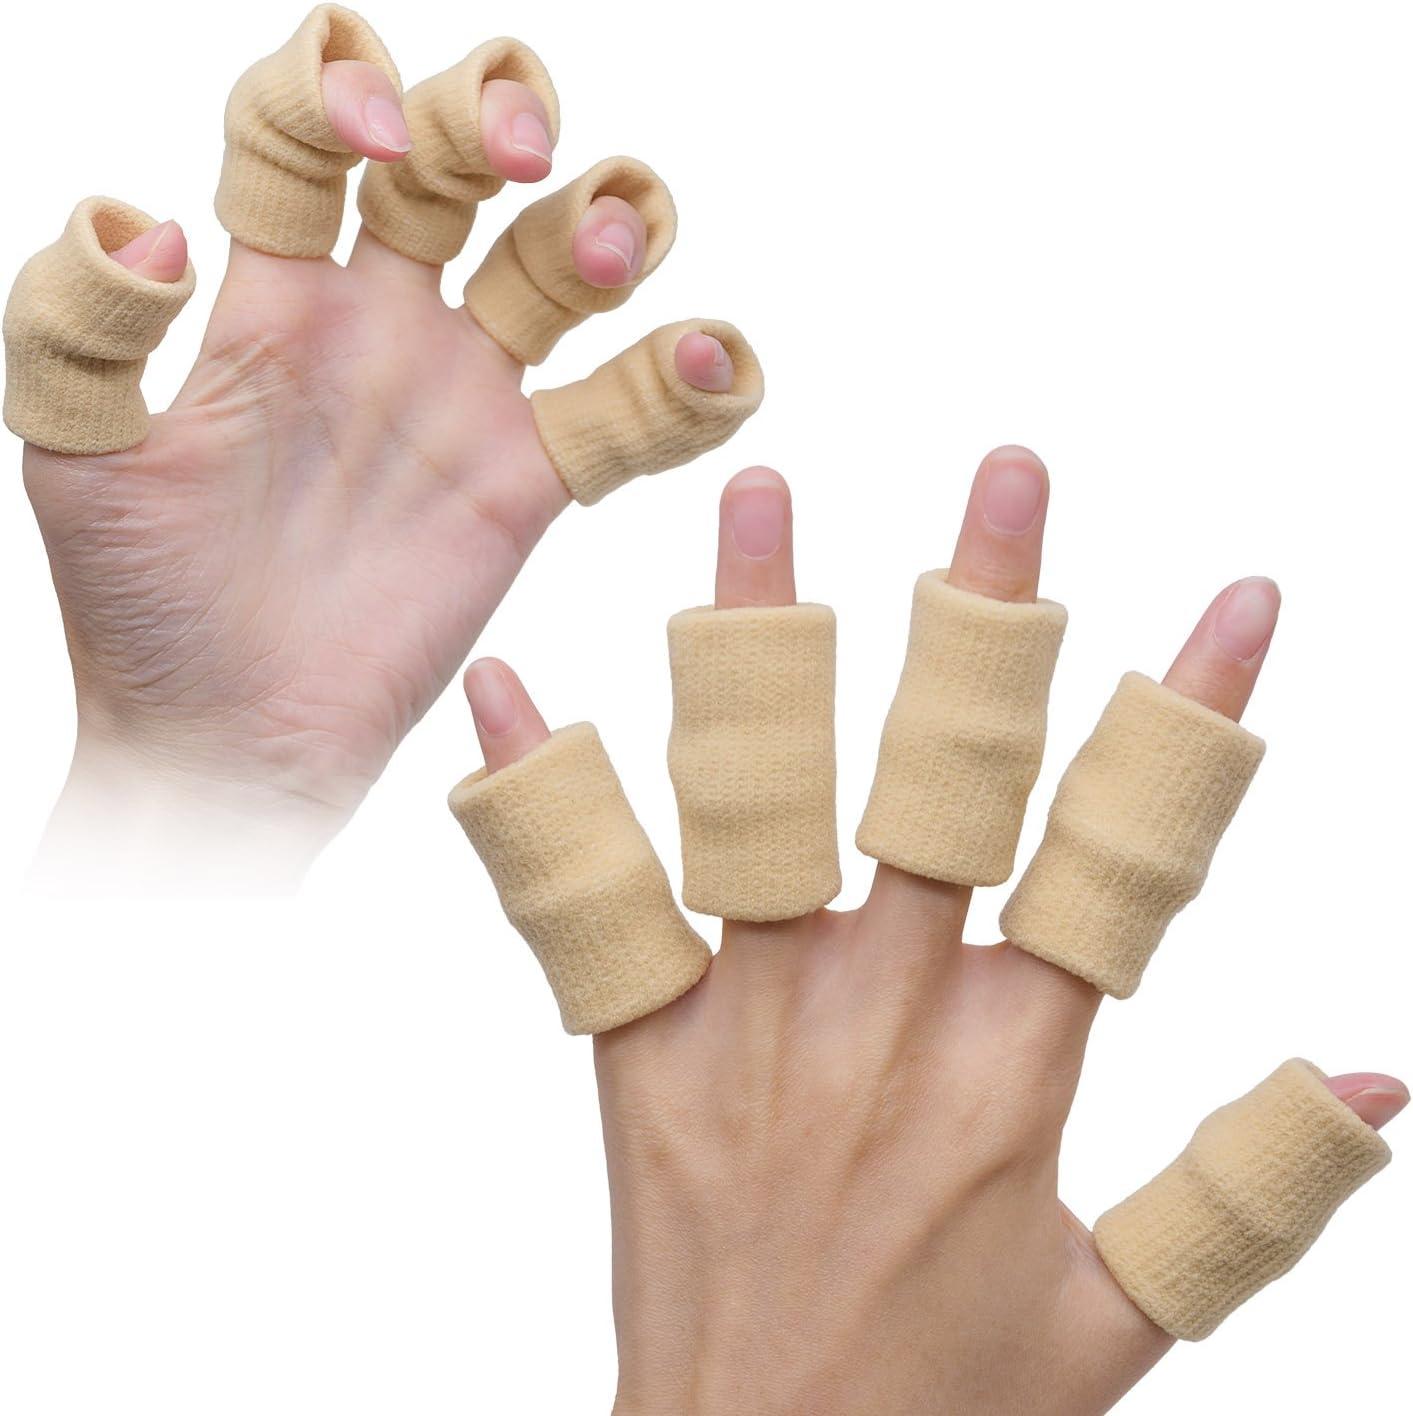 TRIXES 10x Manguitos protectores para dedos, soporte calentamiento estiramiento muscular -ayuda para deportes- Beige